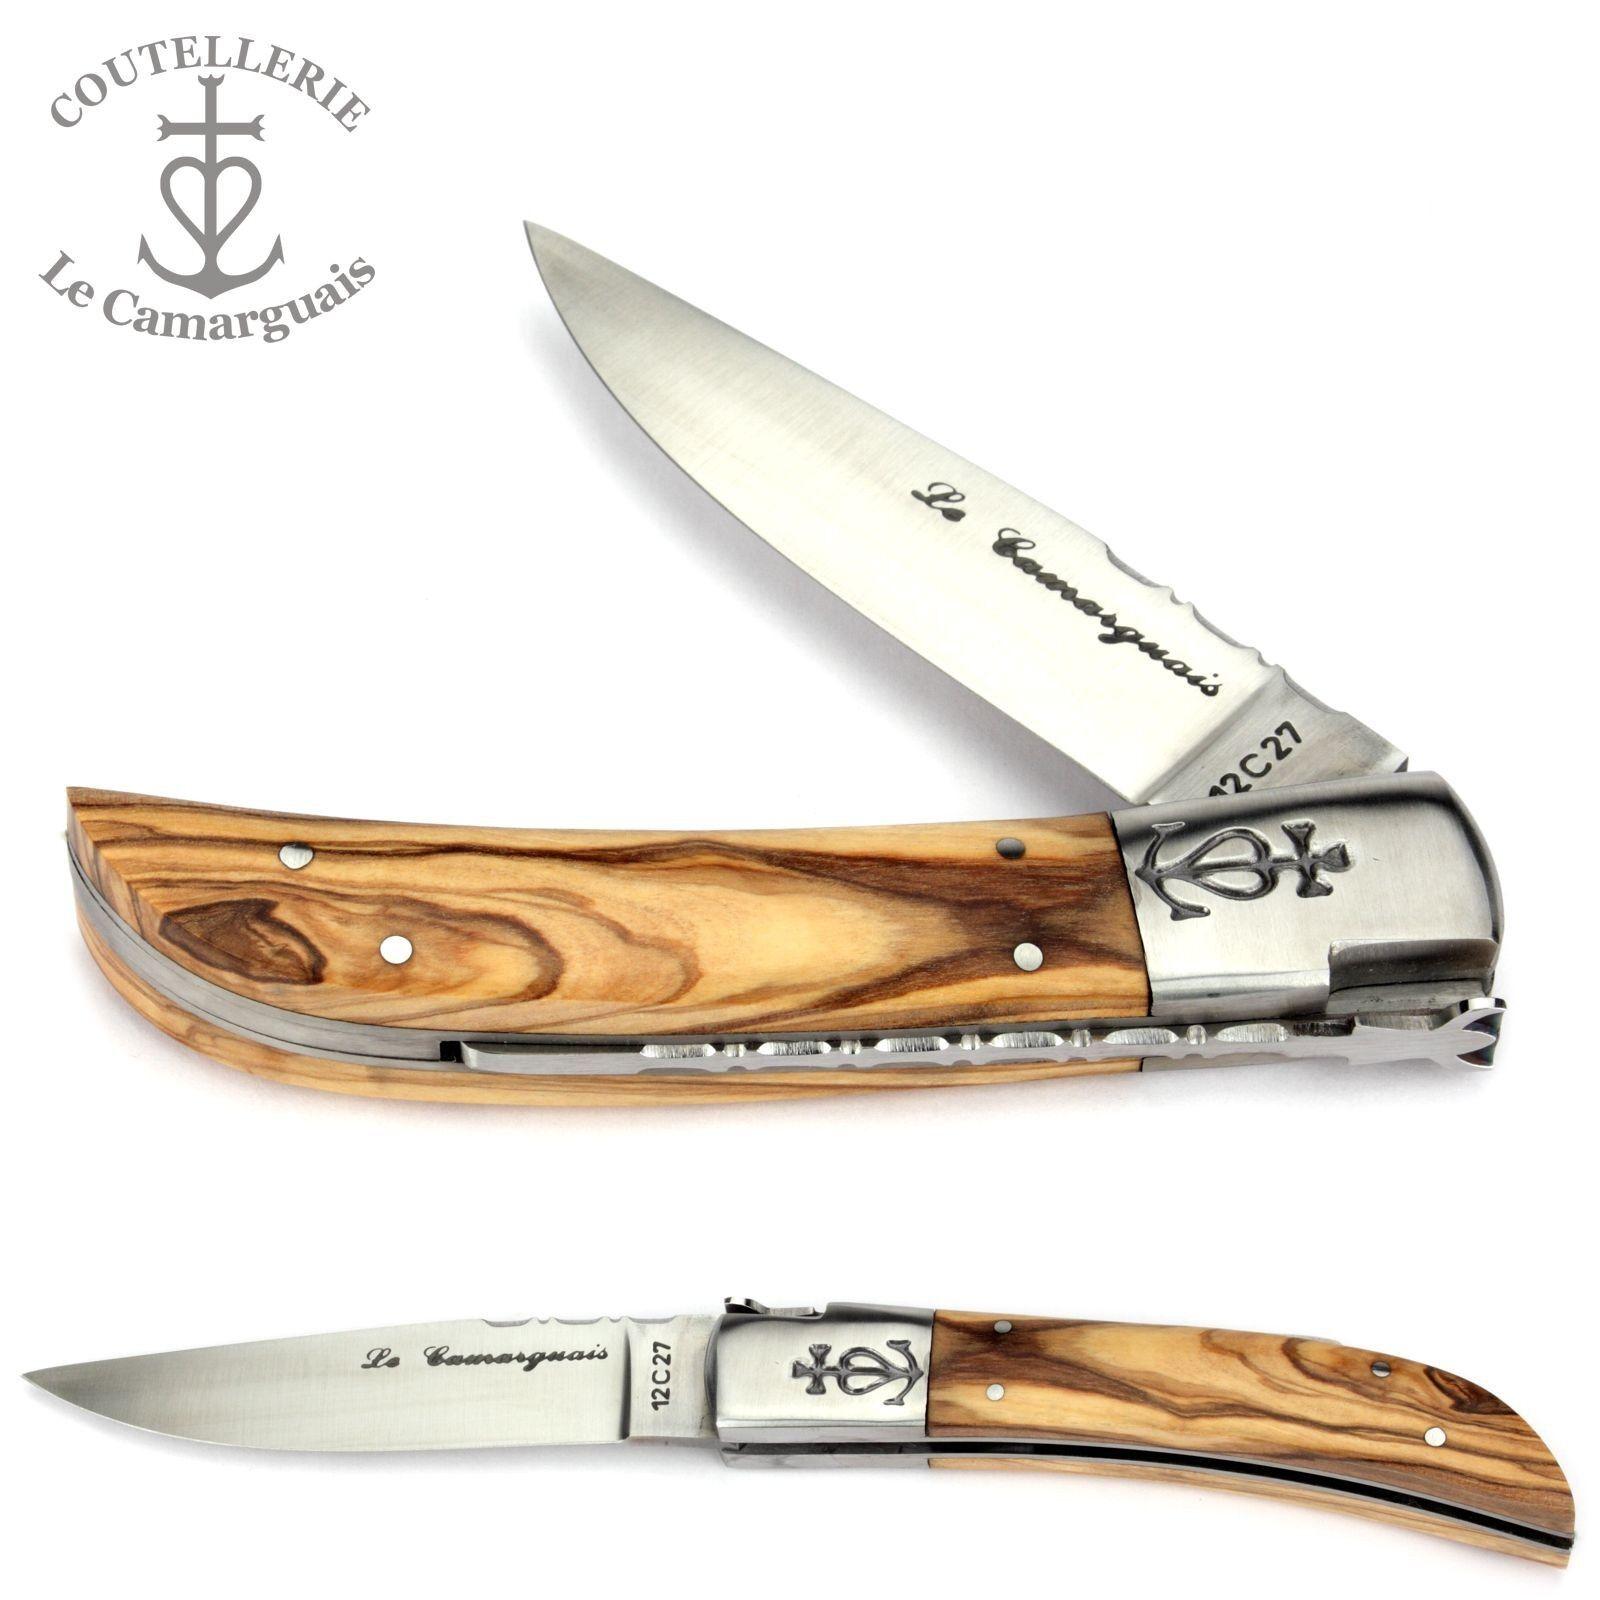 Le Camarguais 12 cm Taschenmesser 20007 Olivenholz Messer aus Frankreich